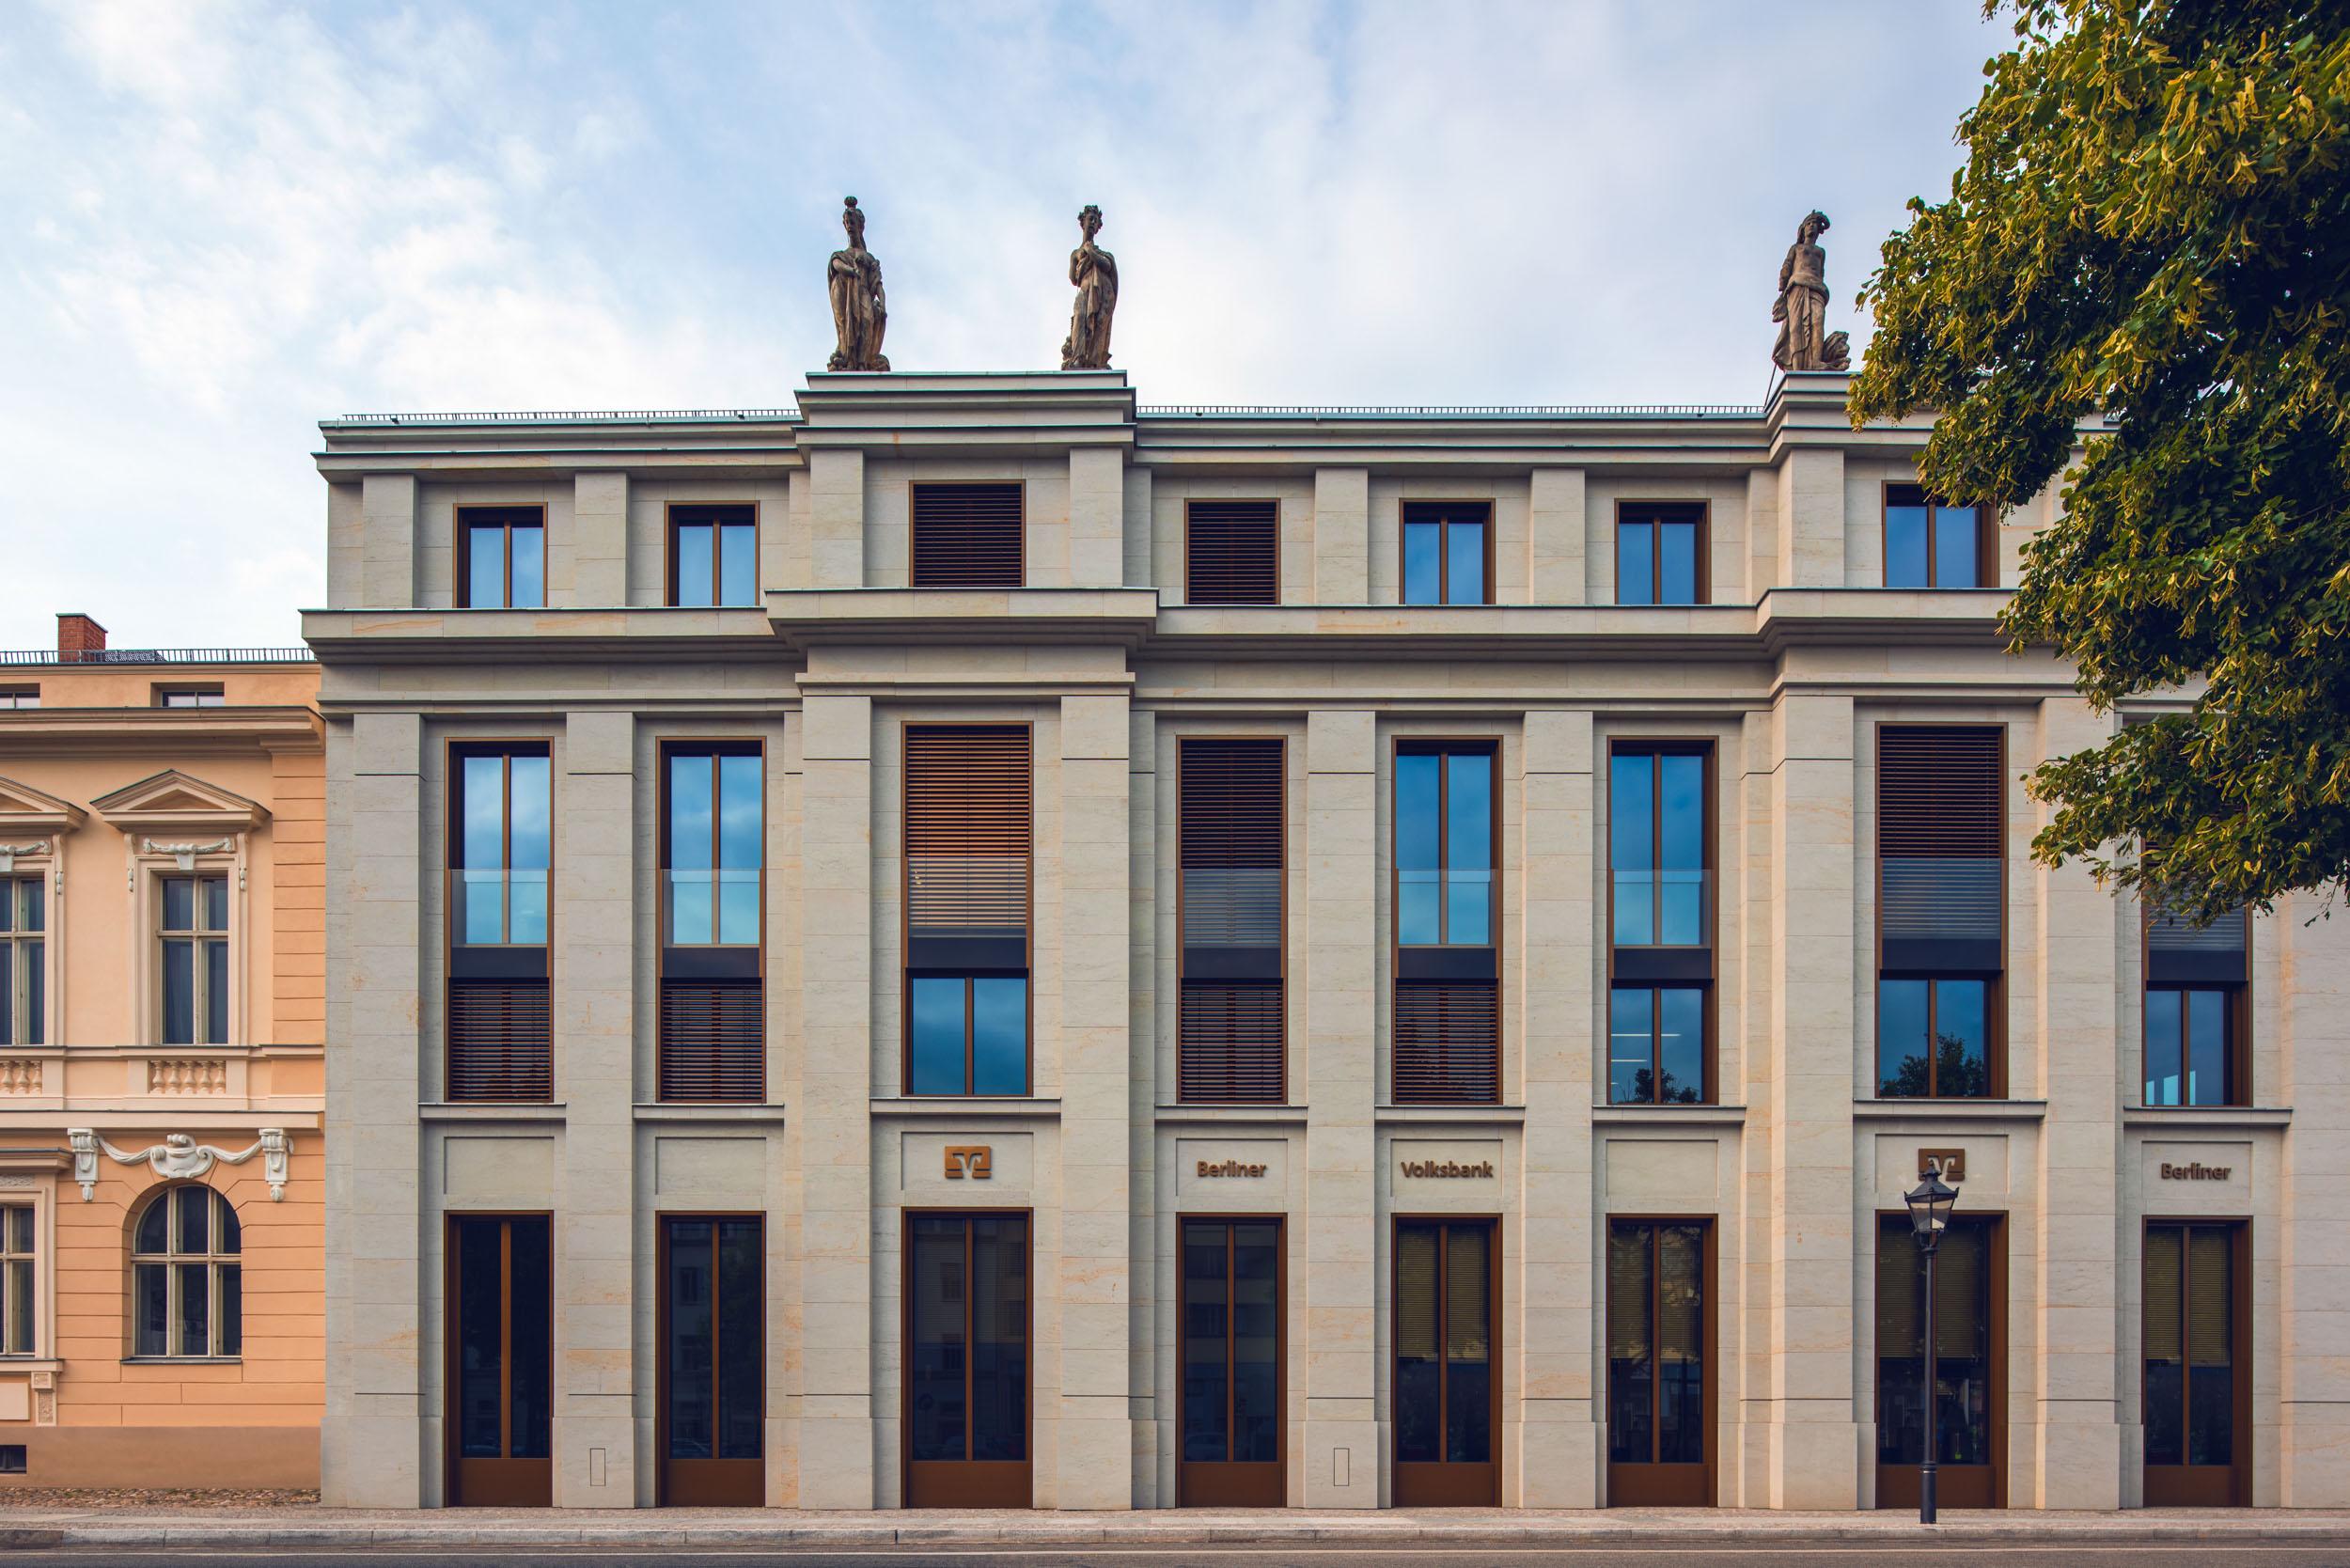 Gustav-Epple-Bauunternehmung-Volksbank-Berlin_MLX5706